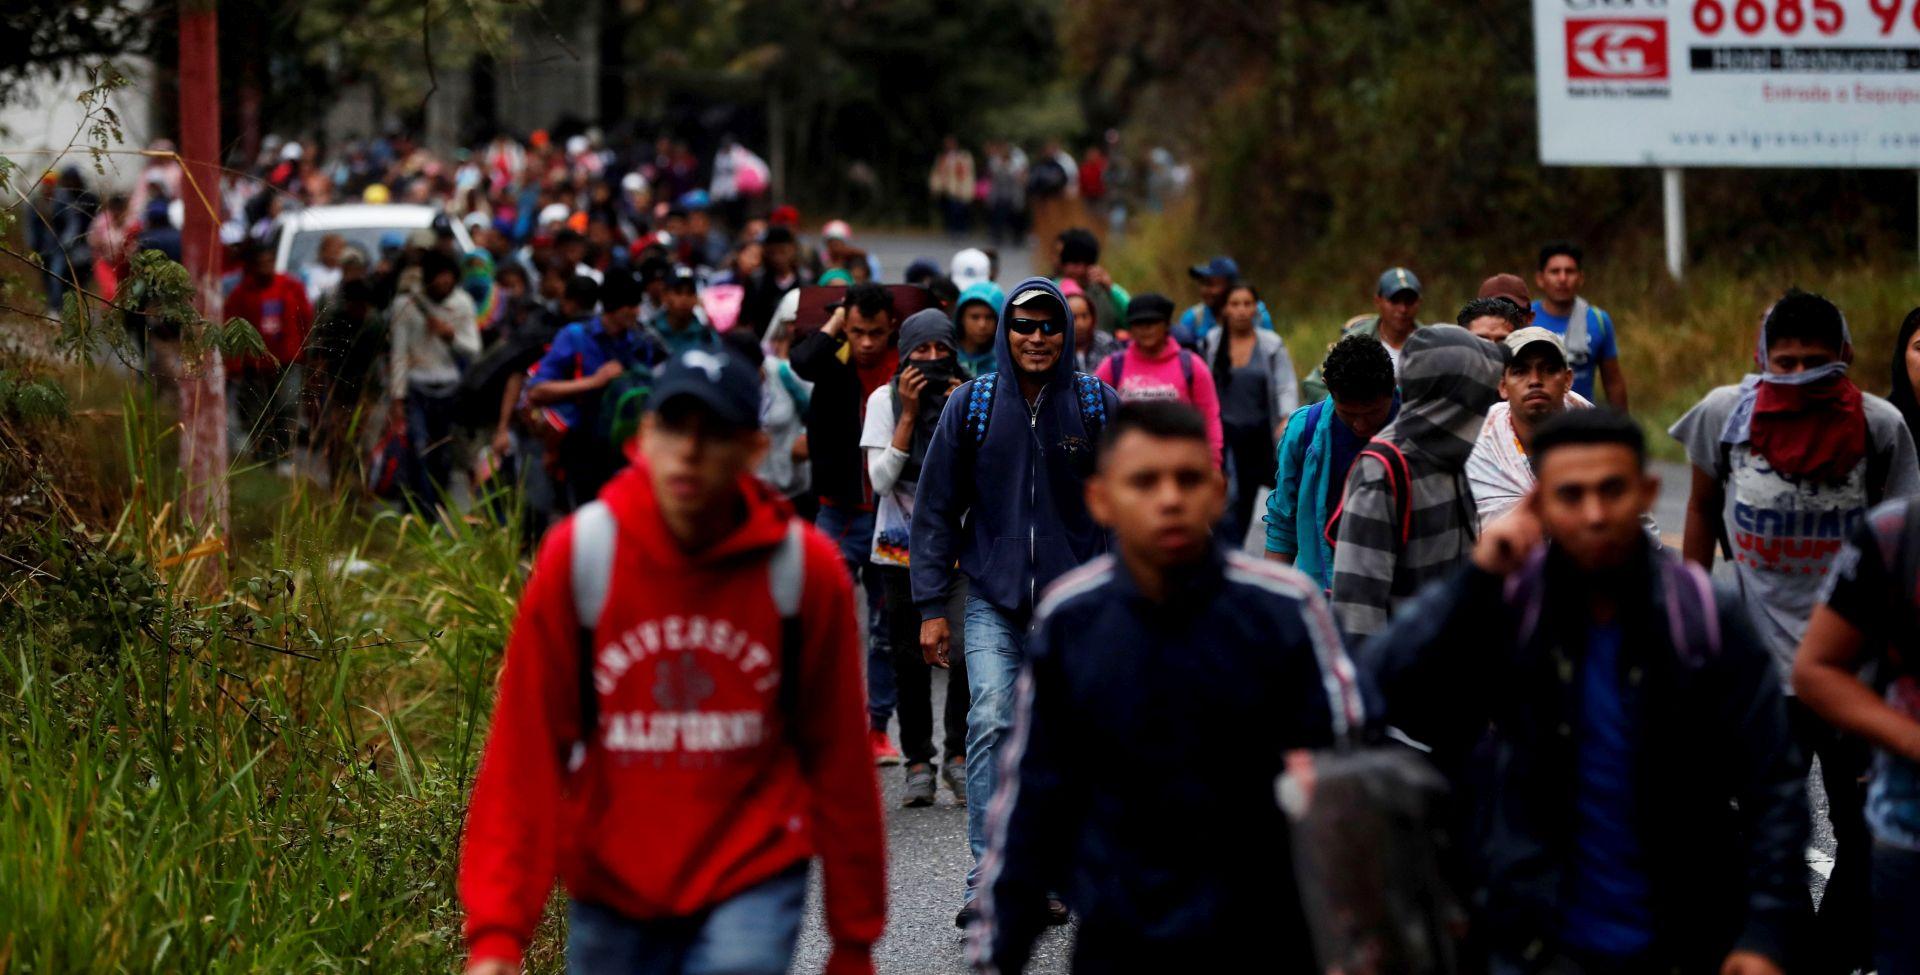 Nova karavana honduraških migranata ušla u Meksiko